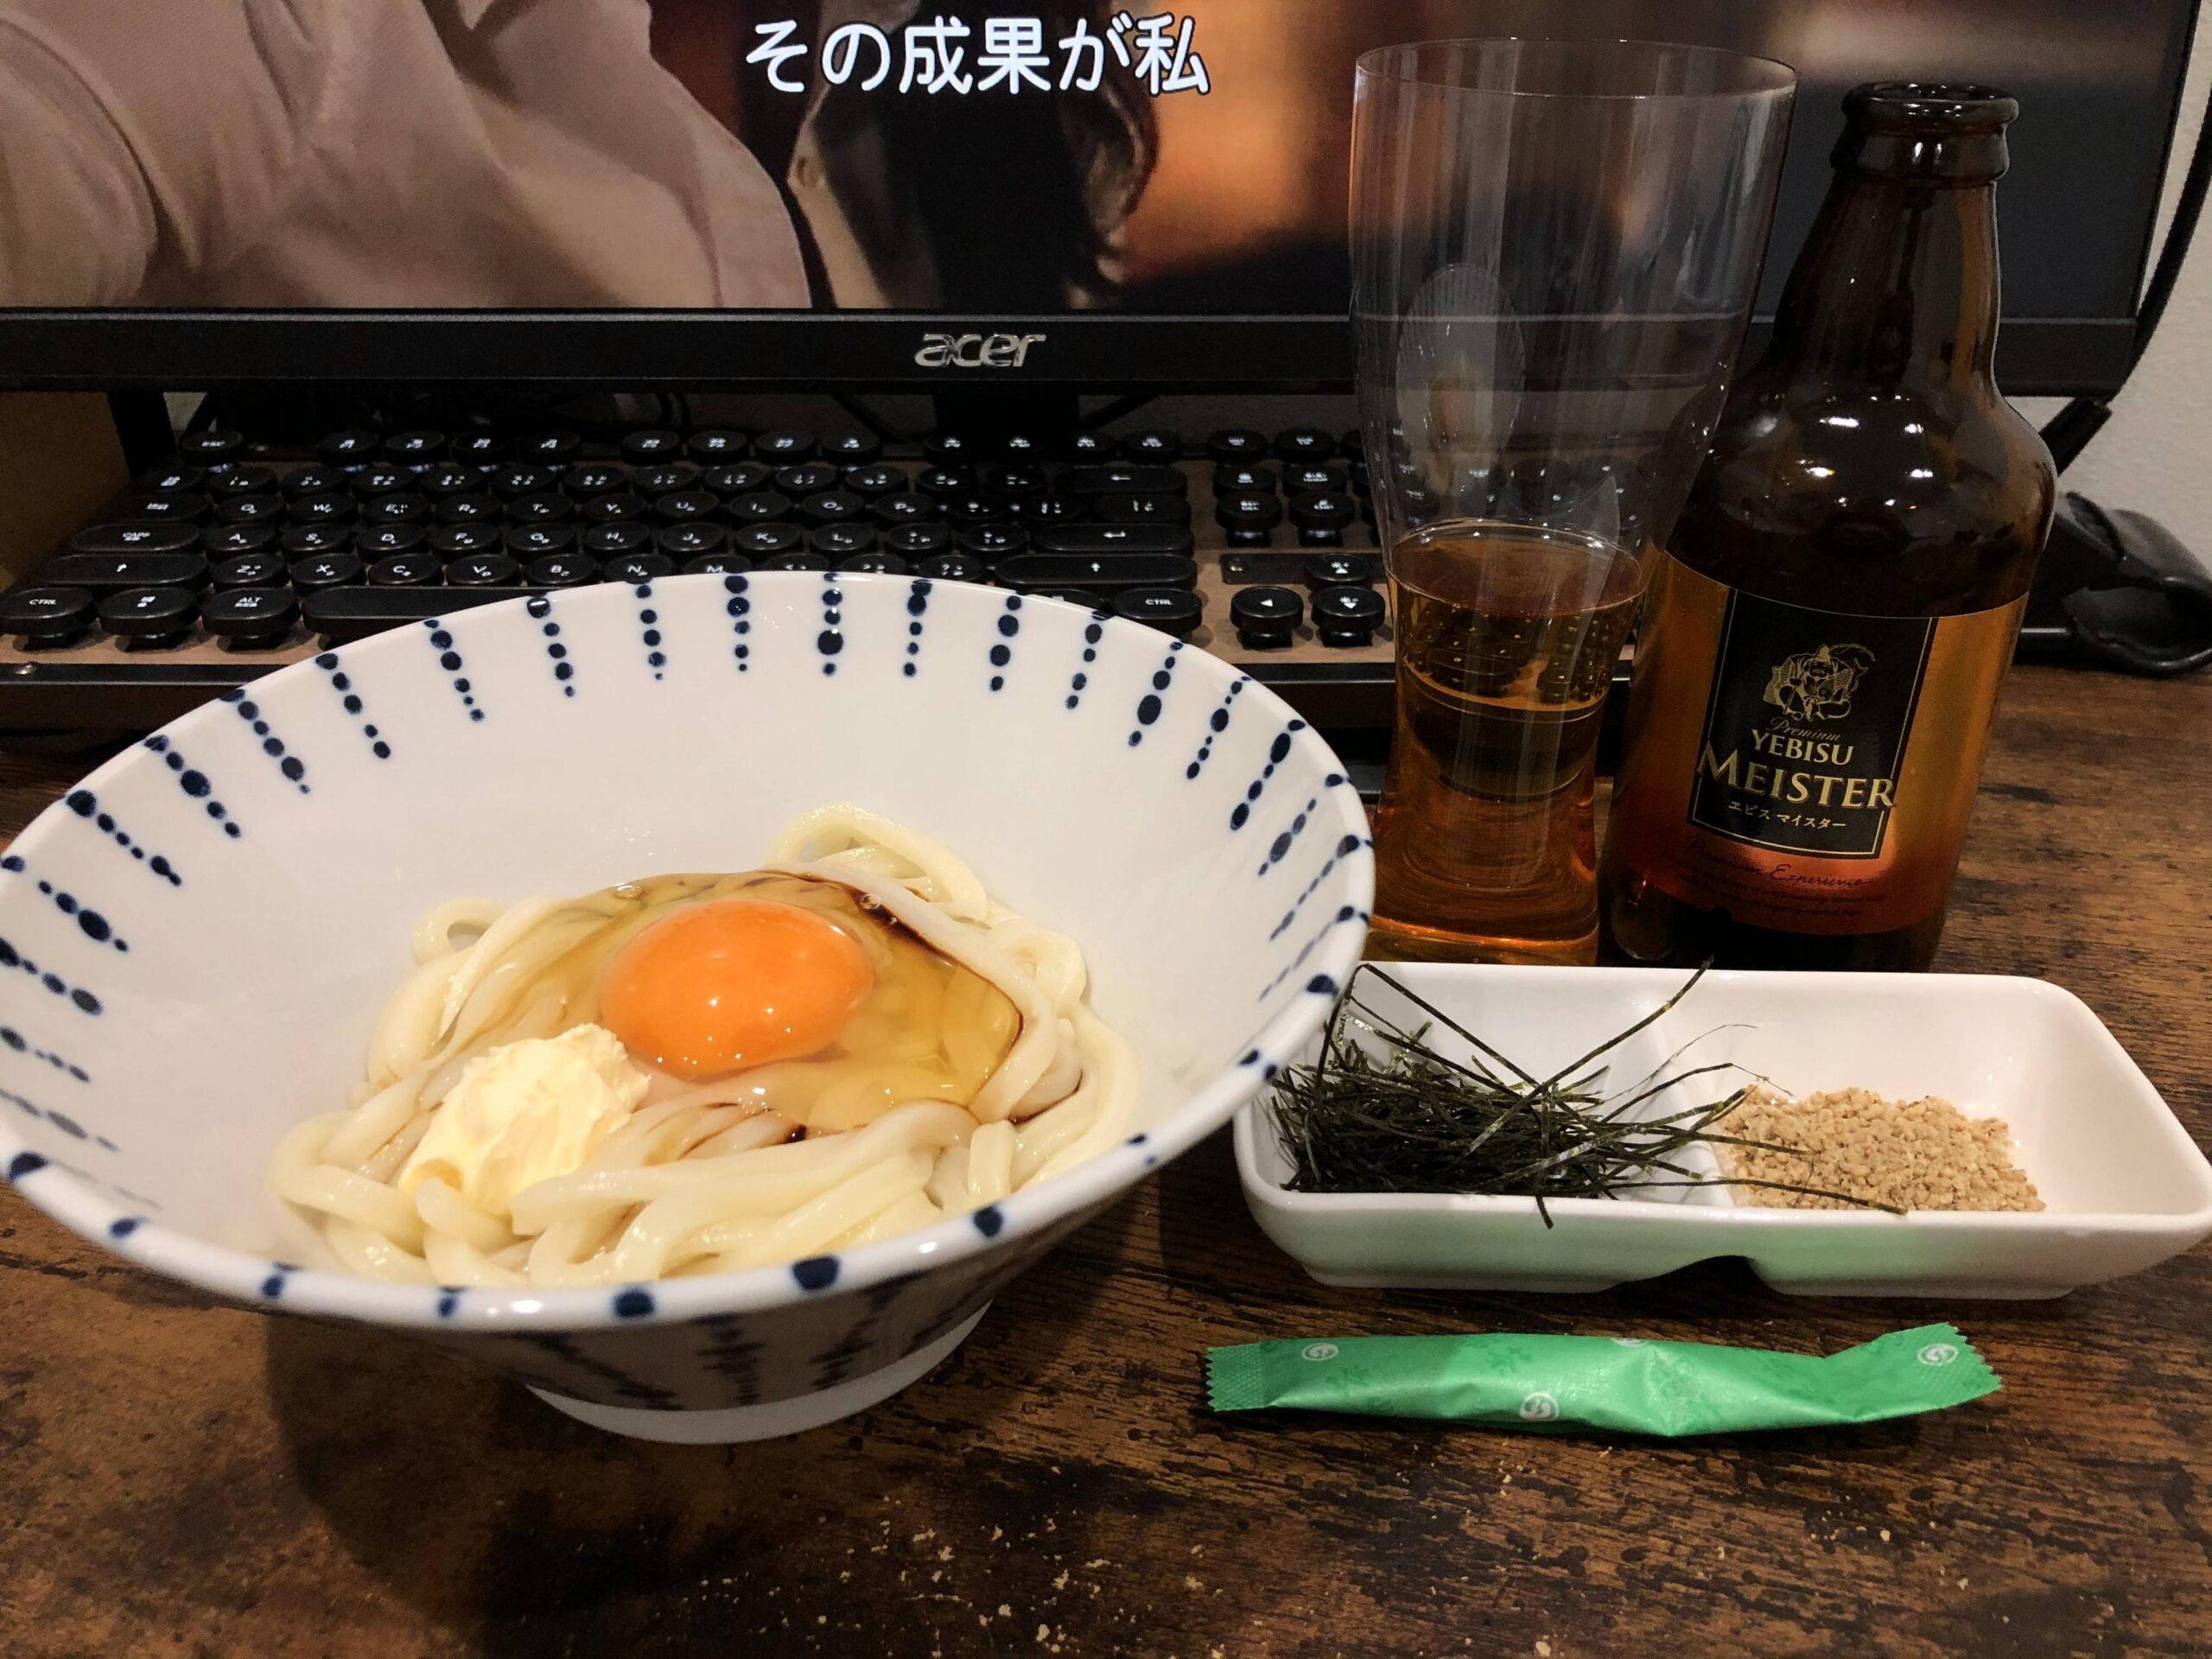 【画像有】1人飲みワイの食卓